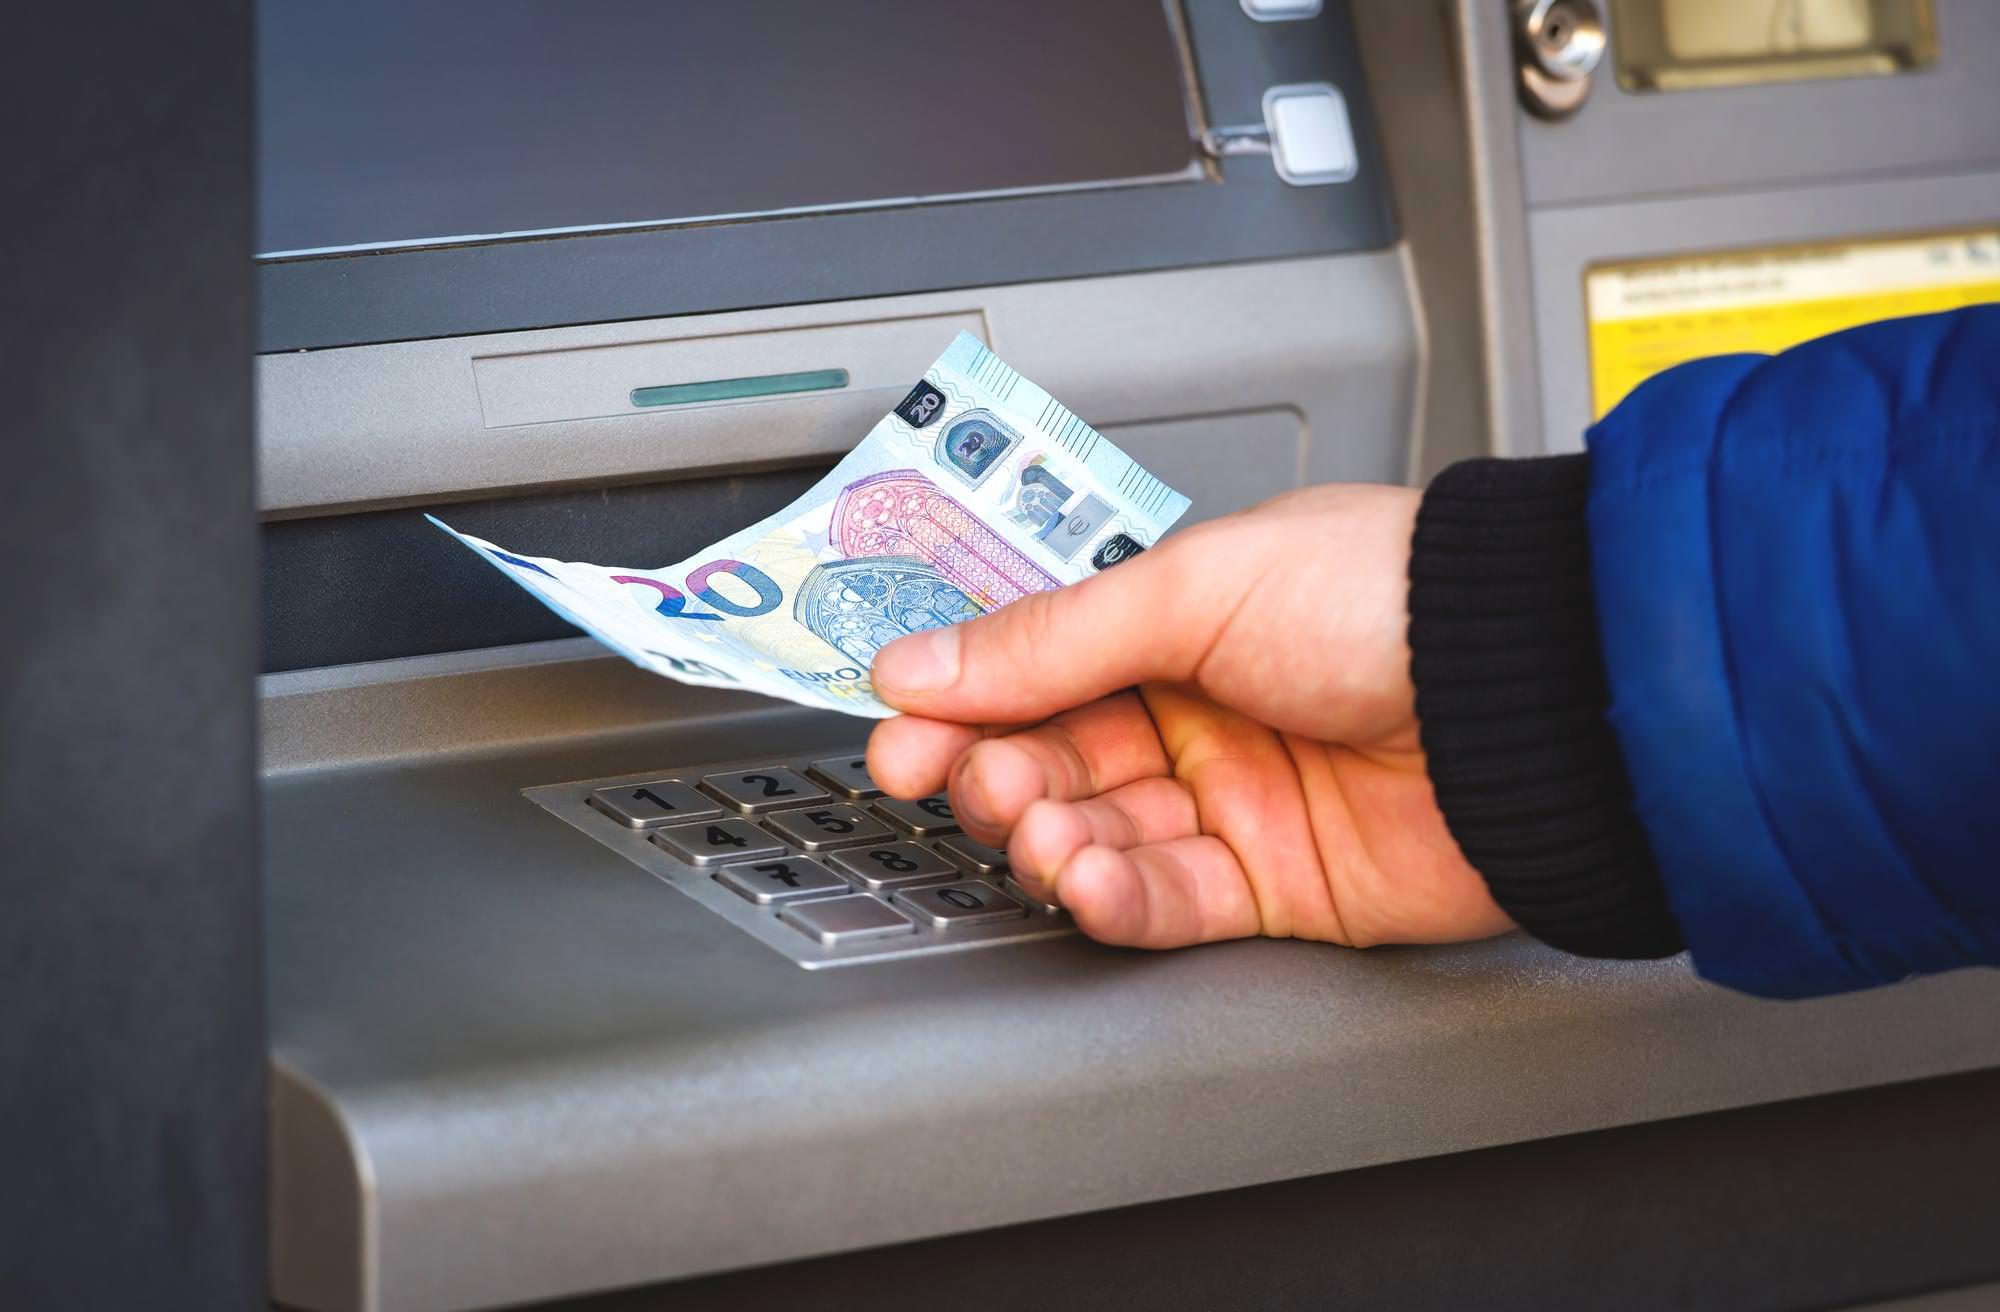 ΟΑΕΔ επίδομα atm ευρώ